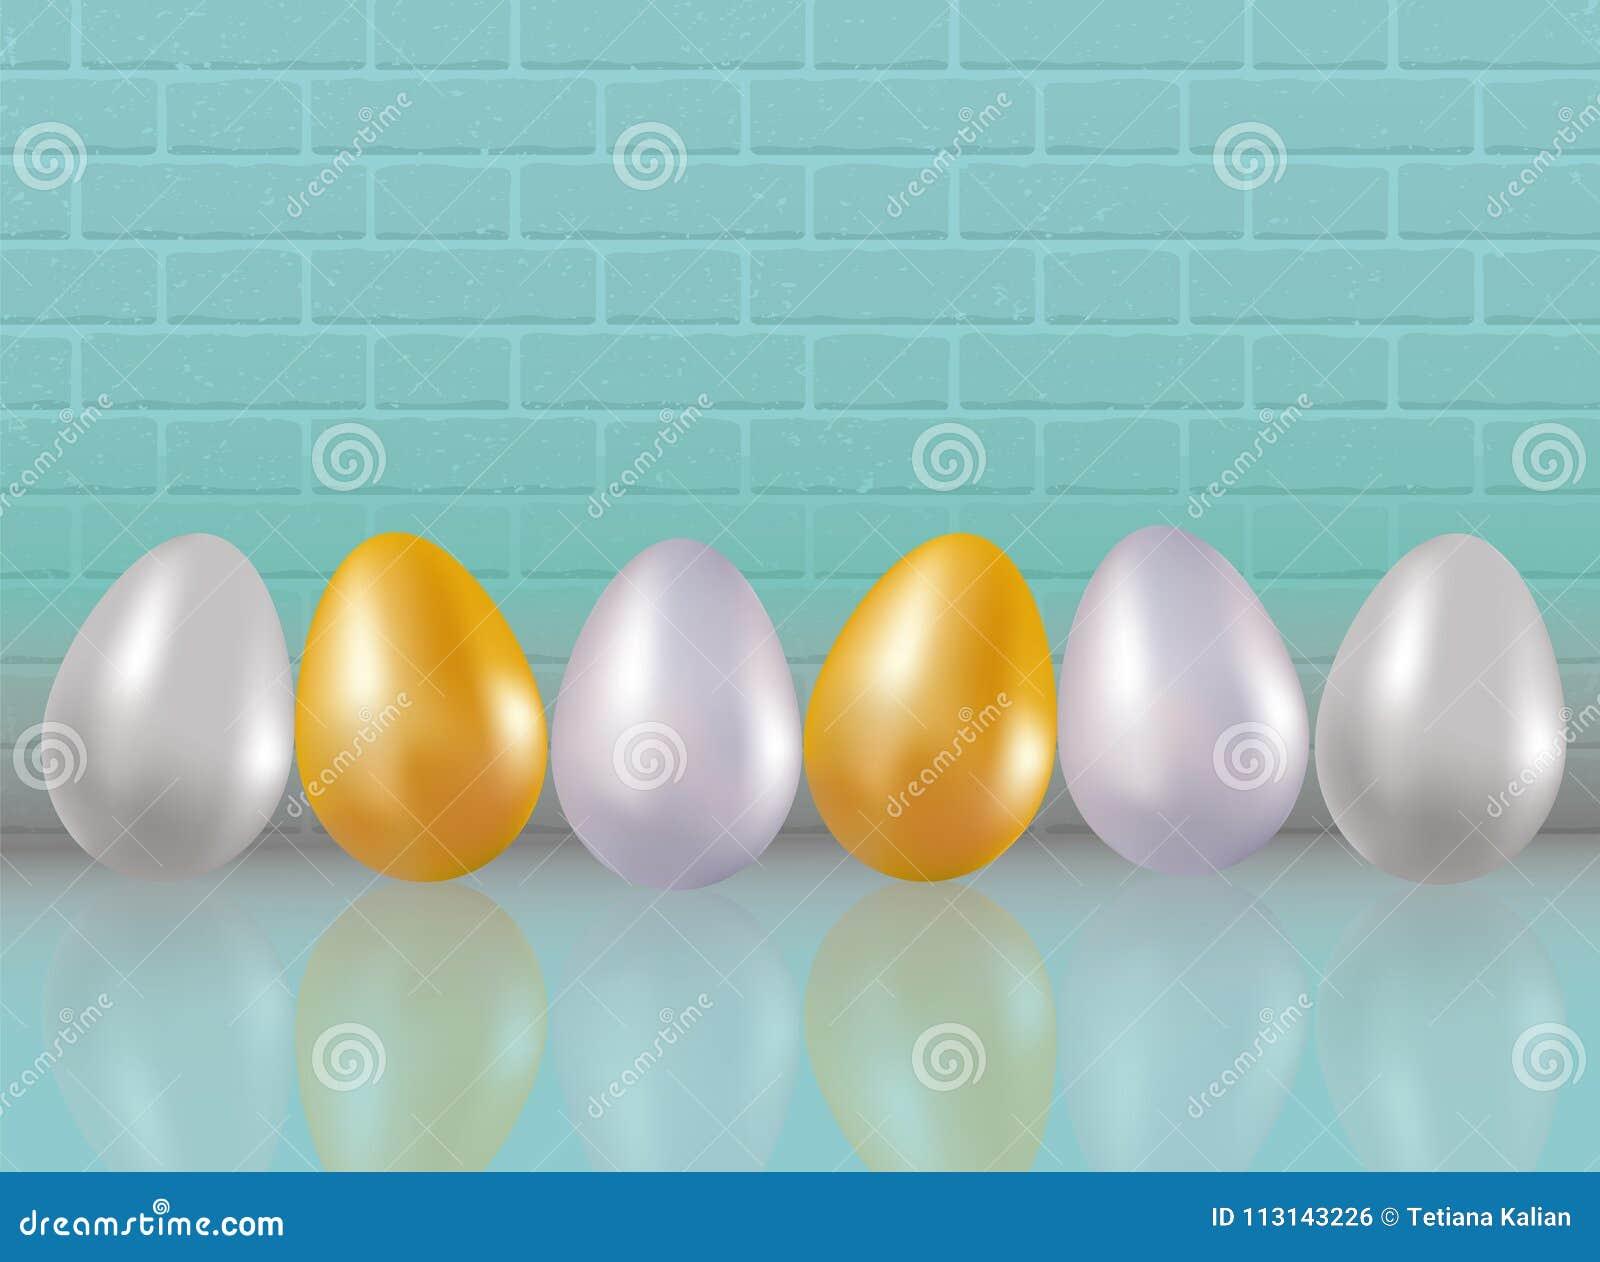 A Galinha Dos Ovo De Ouro Para Colorir seis pintaram ou tingiram-se no ouro metálico, silve, ovos